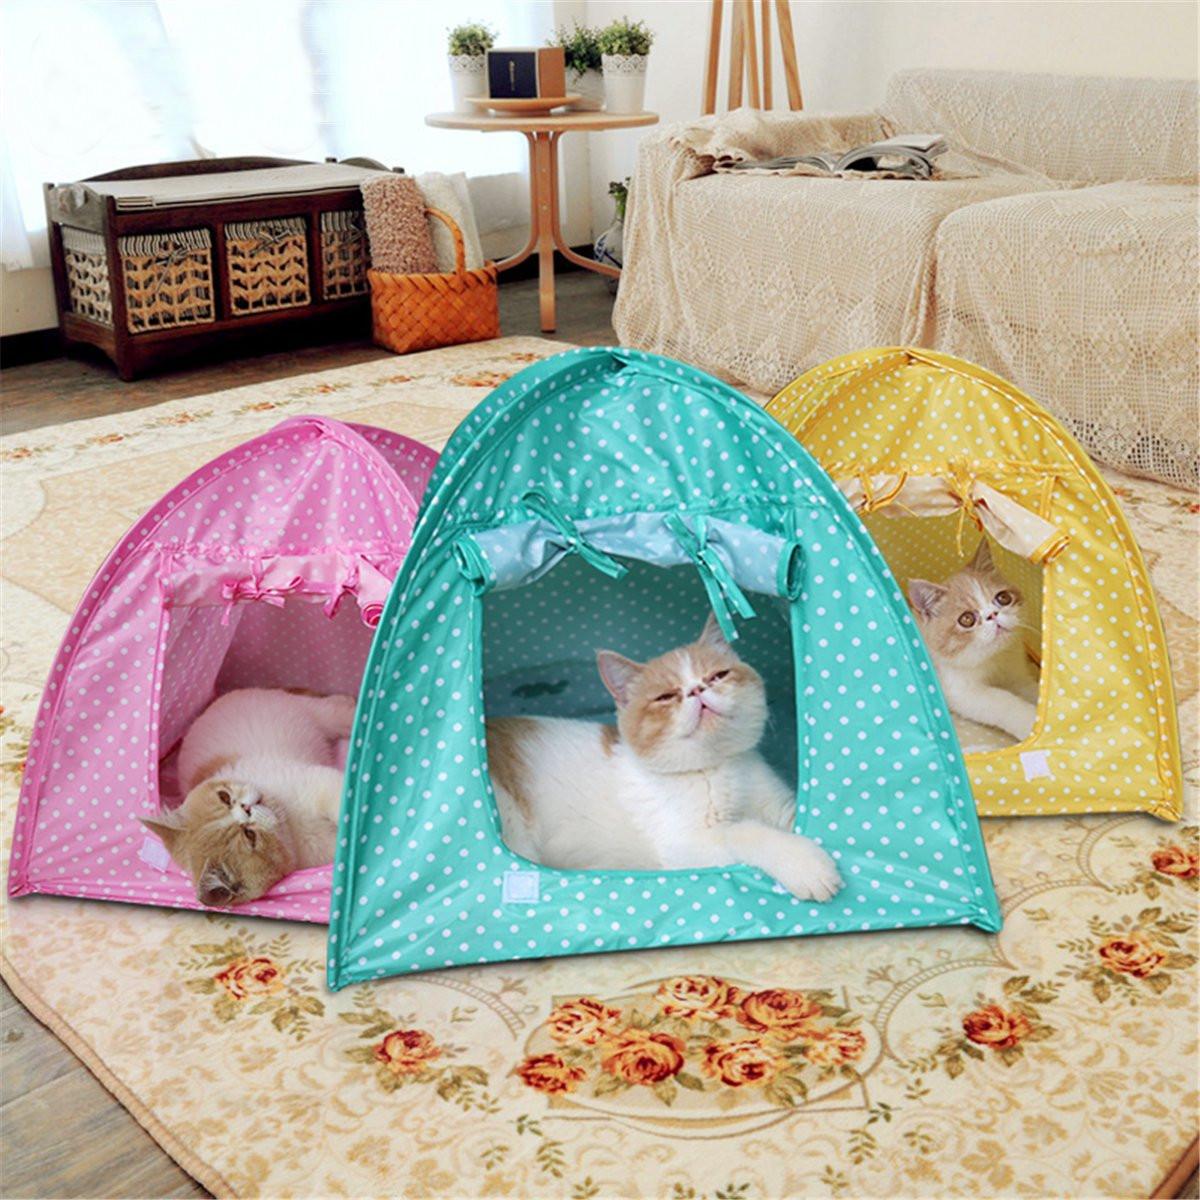 Складной Pet Кот Палатка, играющая Bed House Kitty Camp Водонепроницаемы На открытом воздухе Собака Питомник